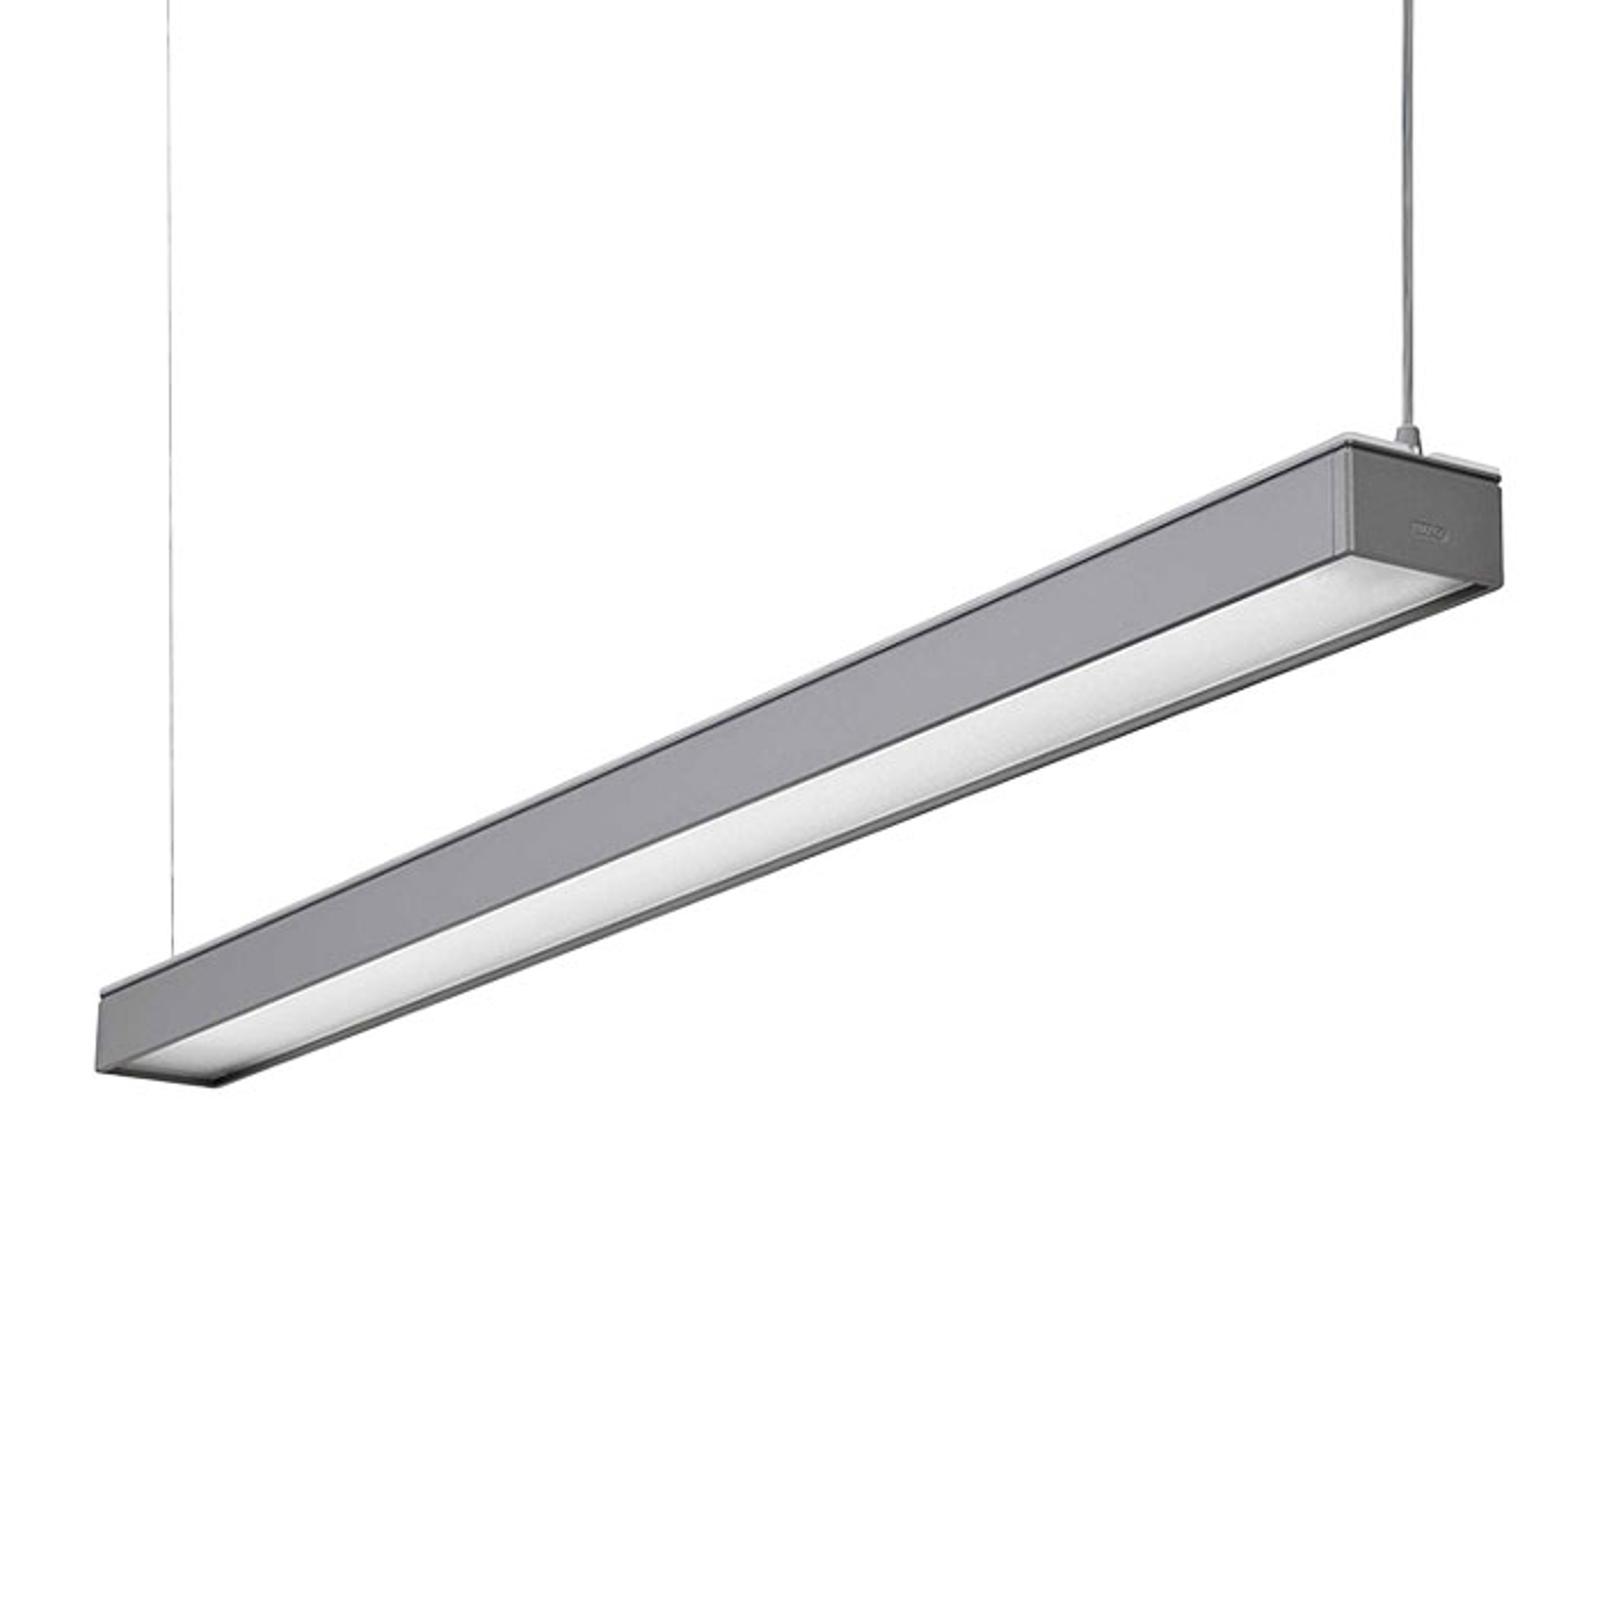 Lampa wisząca biurowa LED Reed-1500 MP, szara